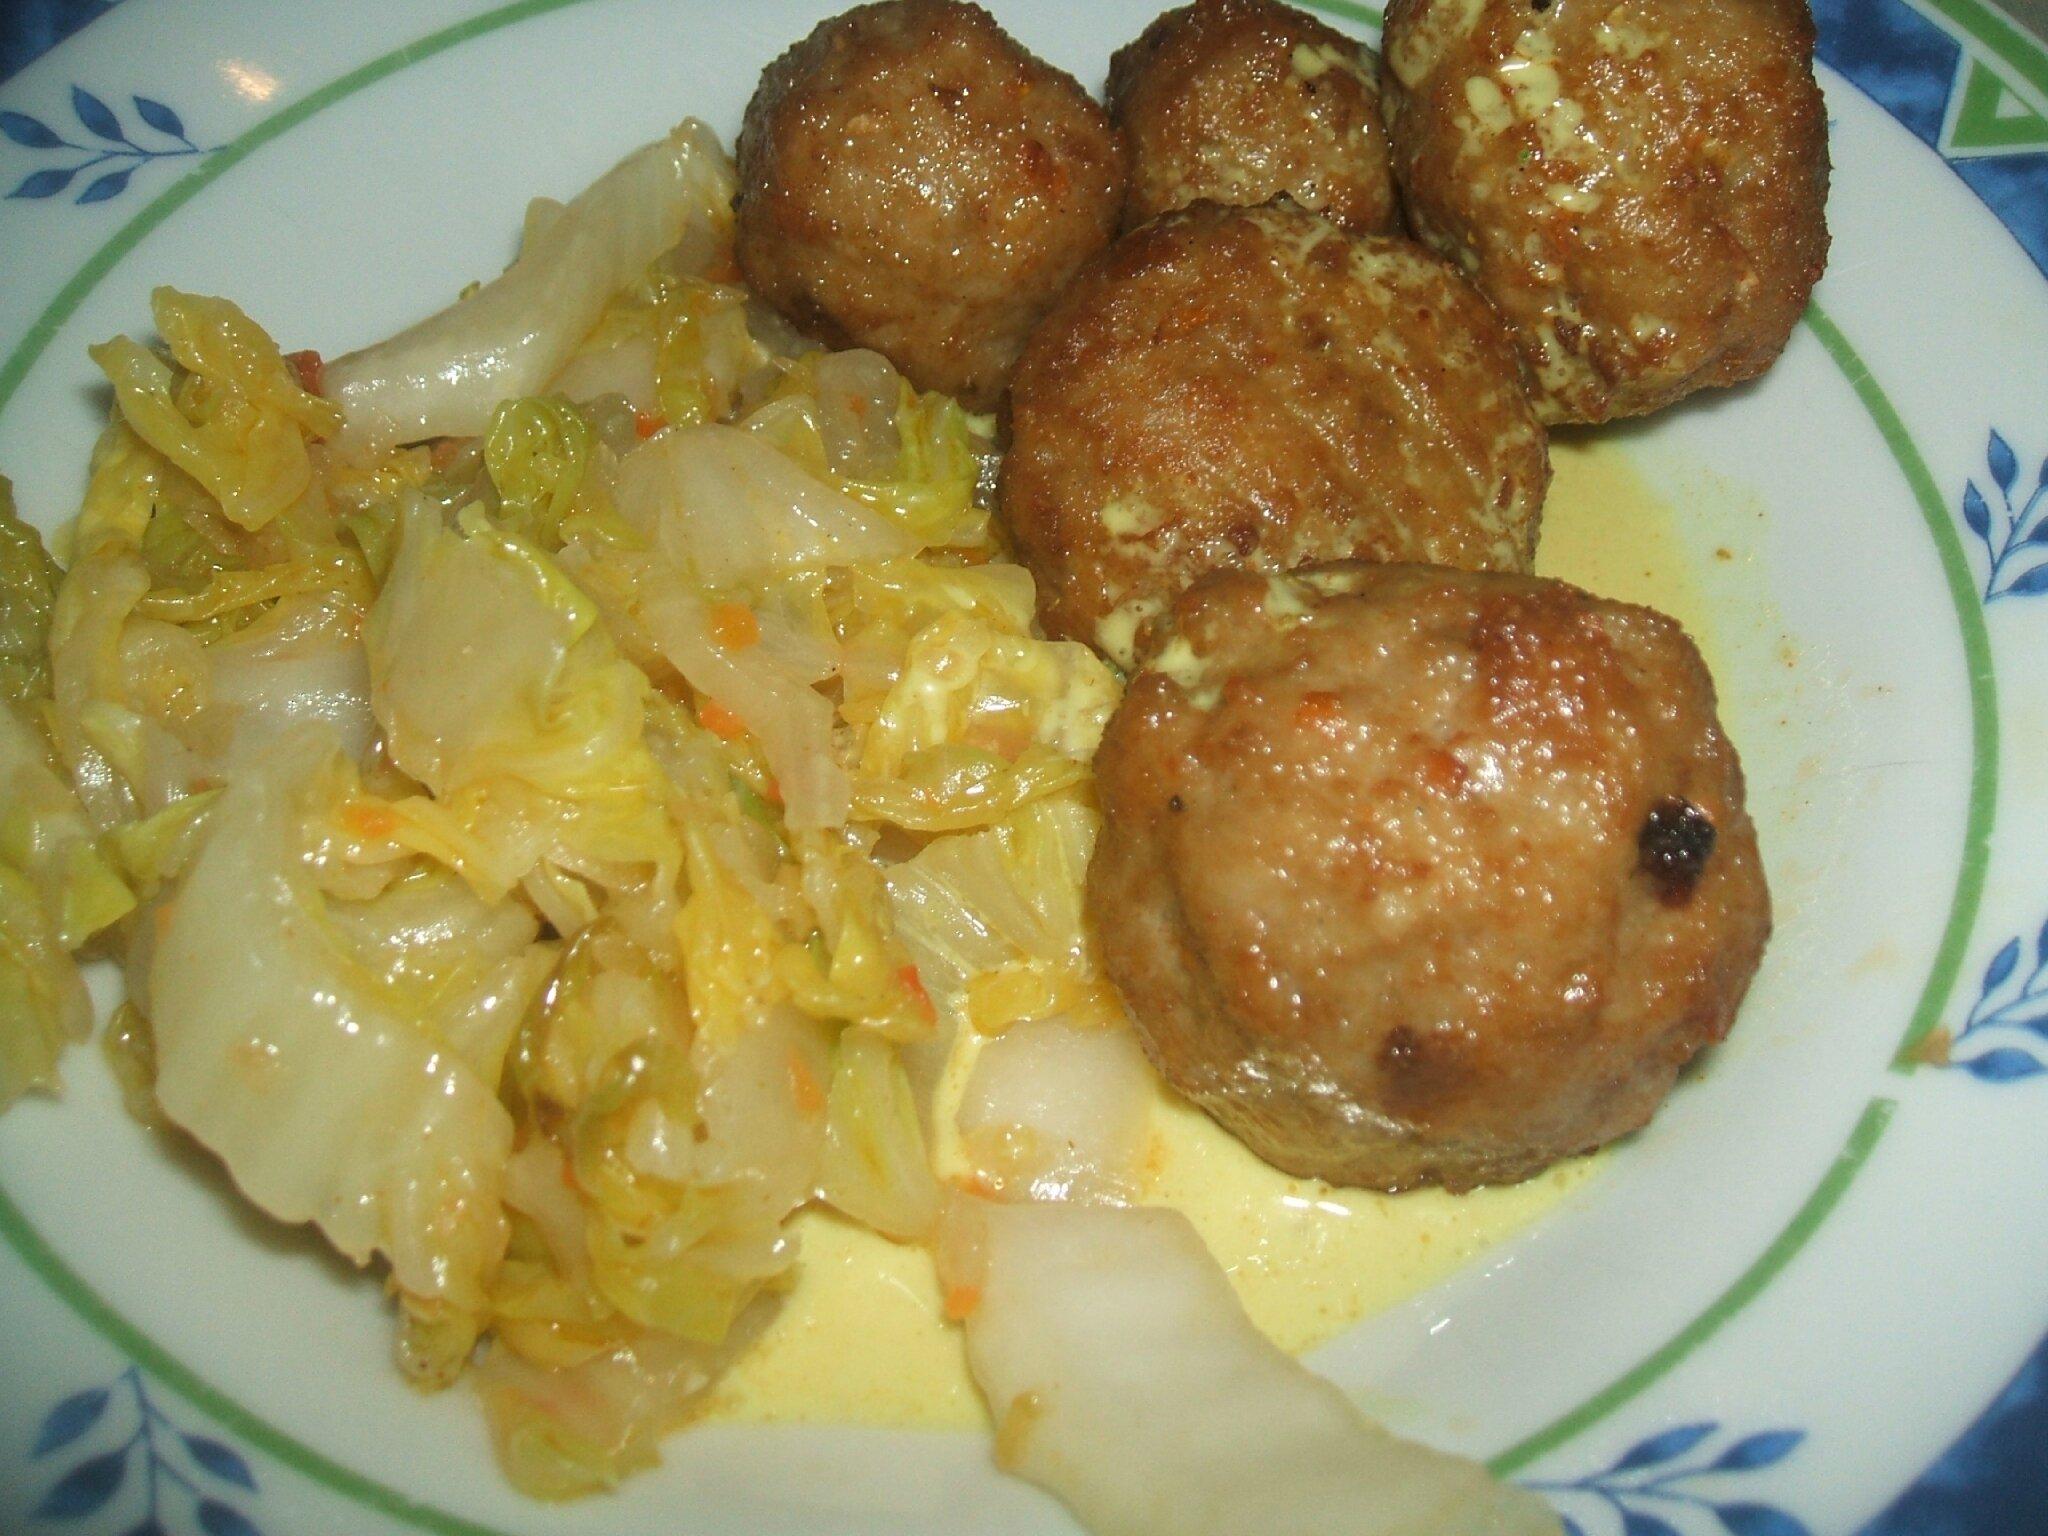 Boulettes de viande au chou chinois peneloppe ou les - Cuisiner du choux chinois ...